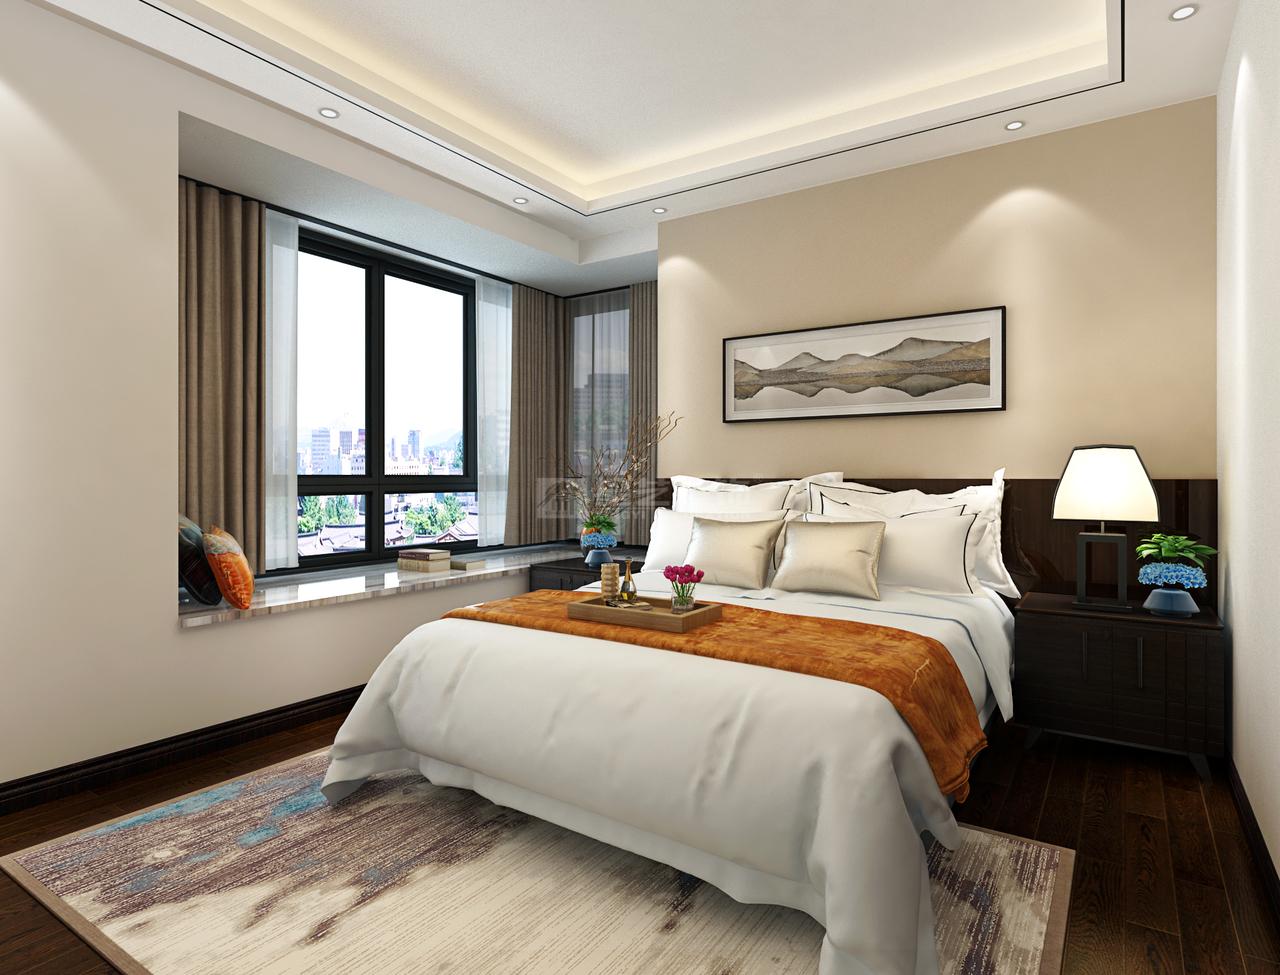 恒大中央公园B简约,后现代,单身公寓,113.0㎡